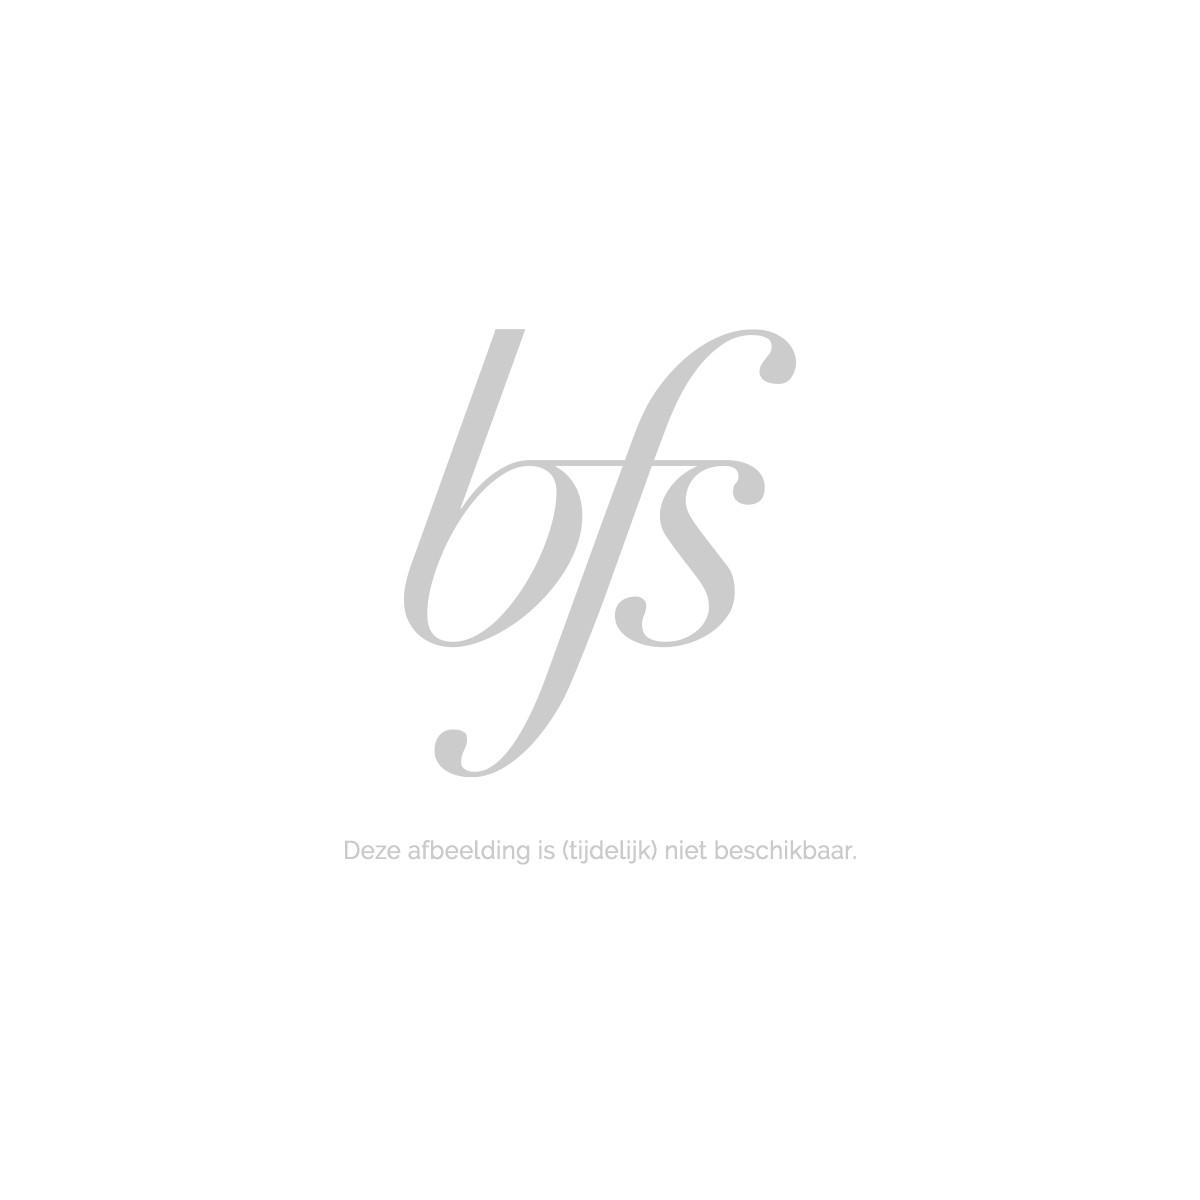 Abbildung von Matis Cleansing Duo Réponse Délicate 400 ml Reinigung Beauty